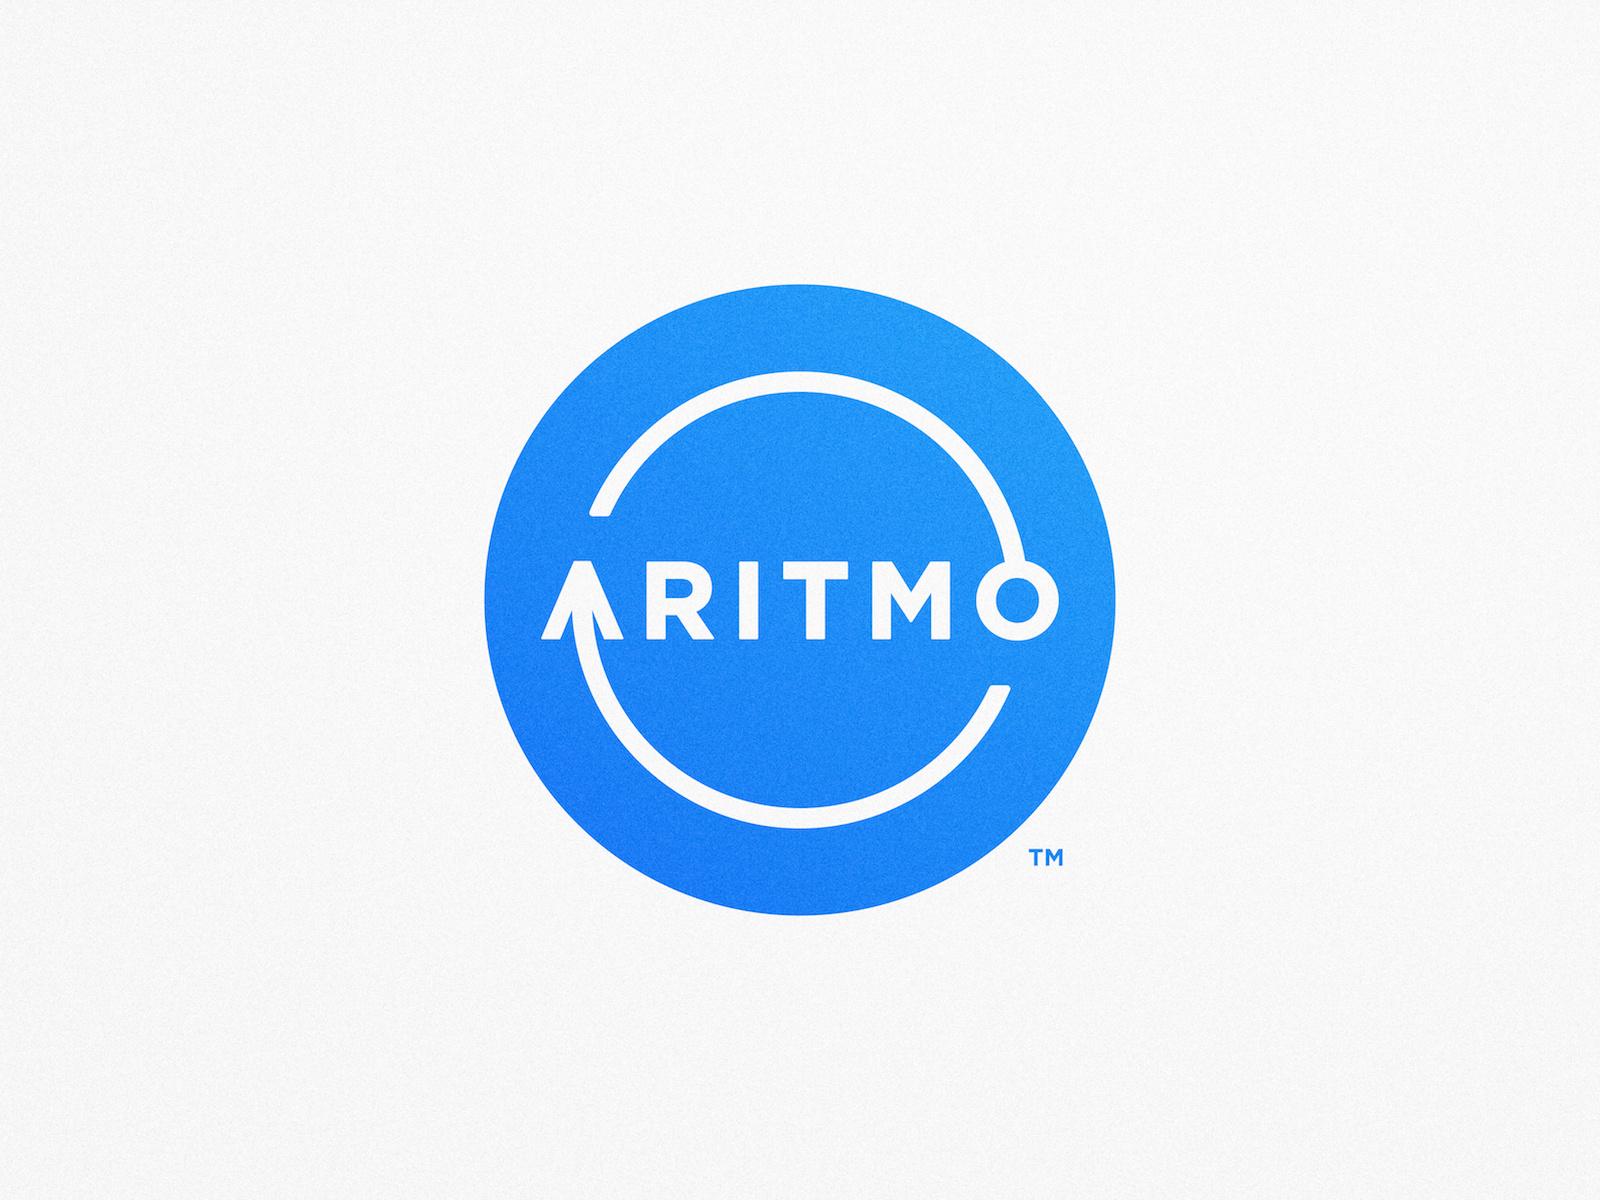 Aritmo drib 01